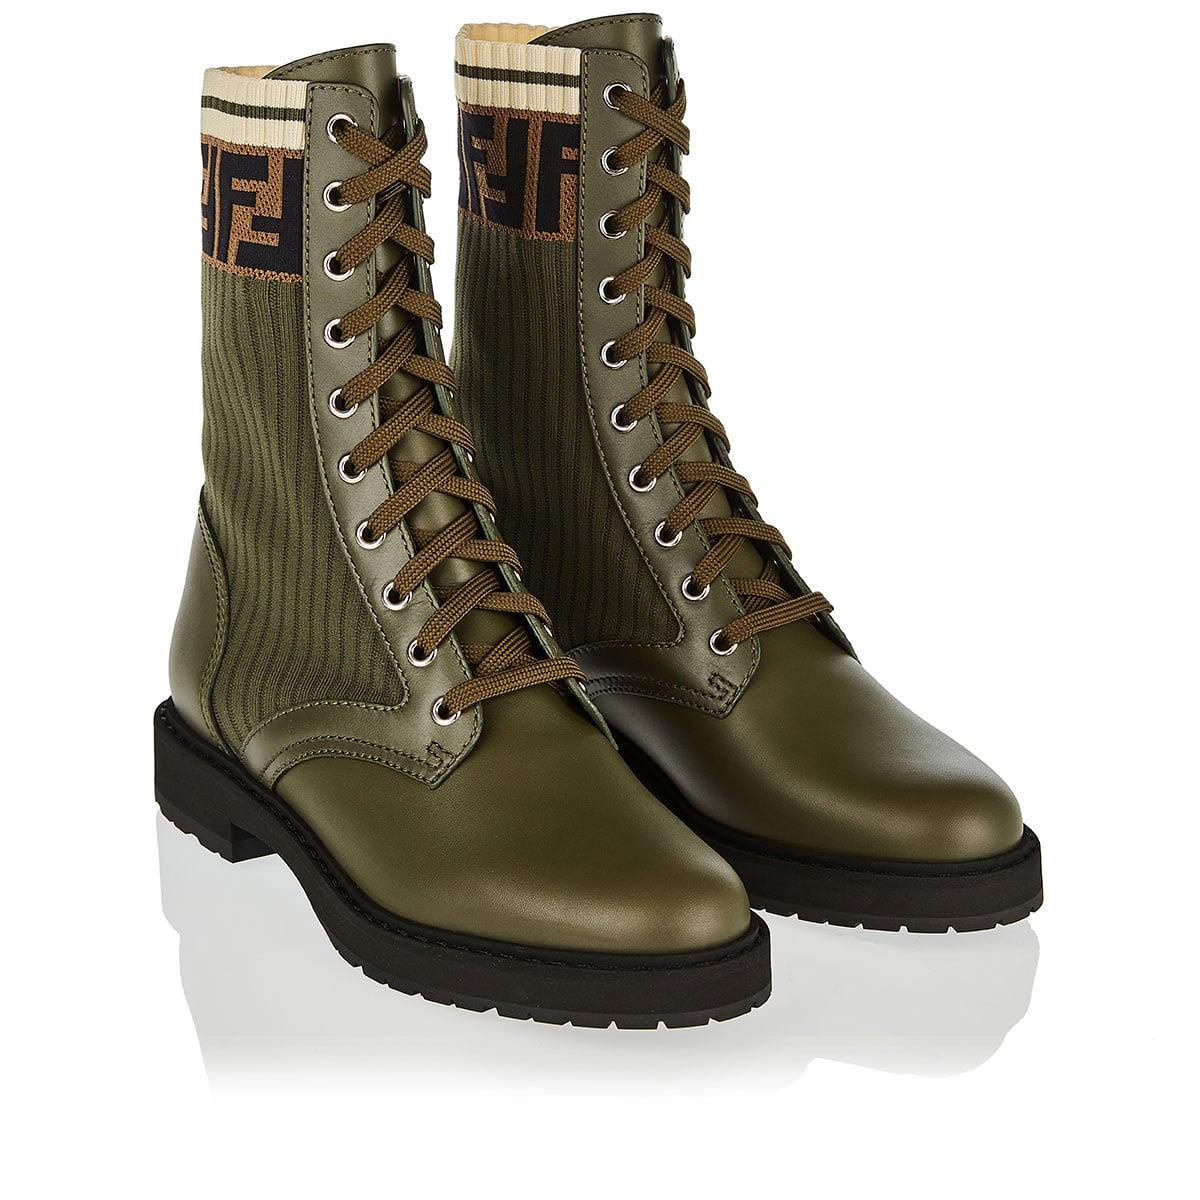 Rockoko FF combat boots